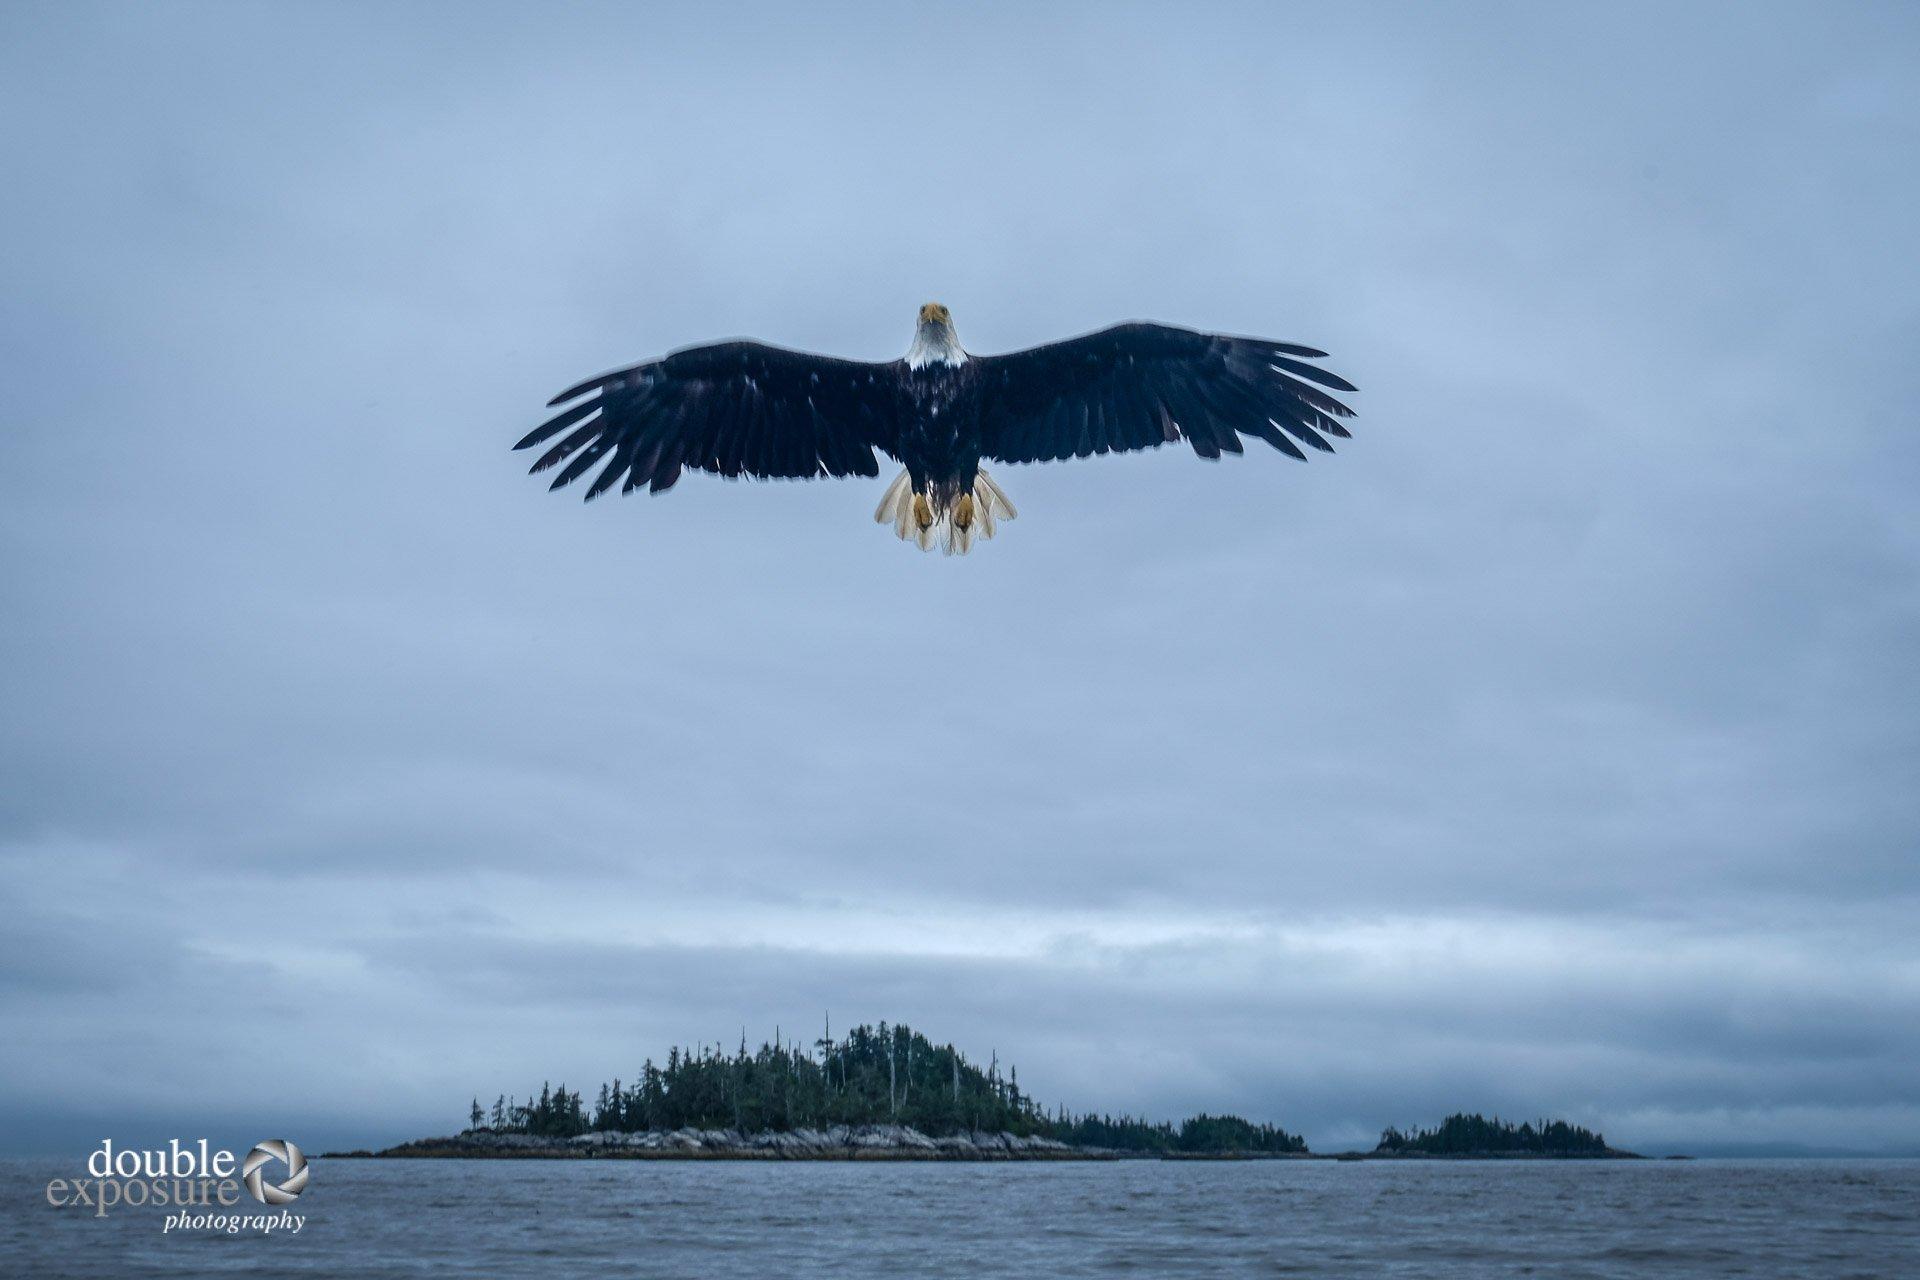 bald eagle flies vertically